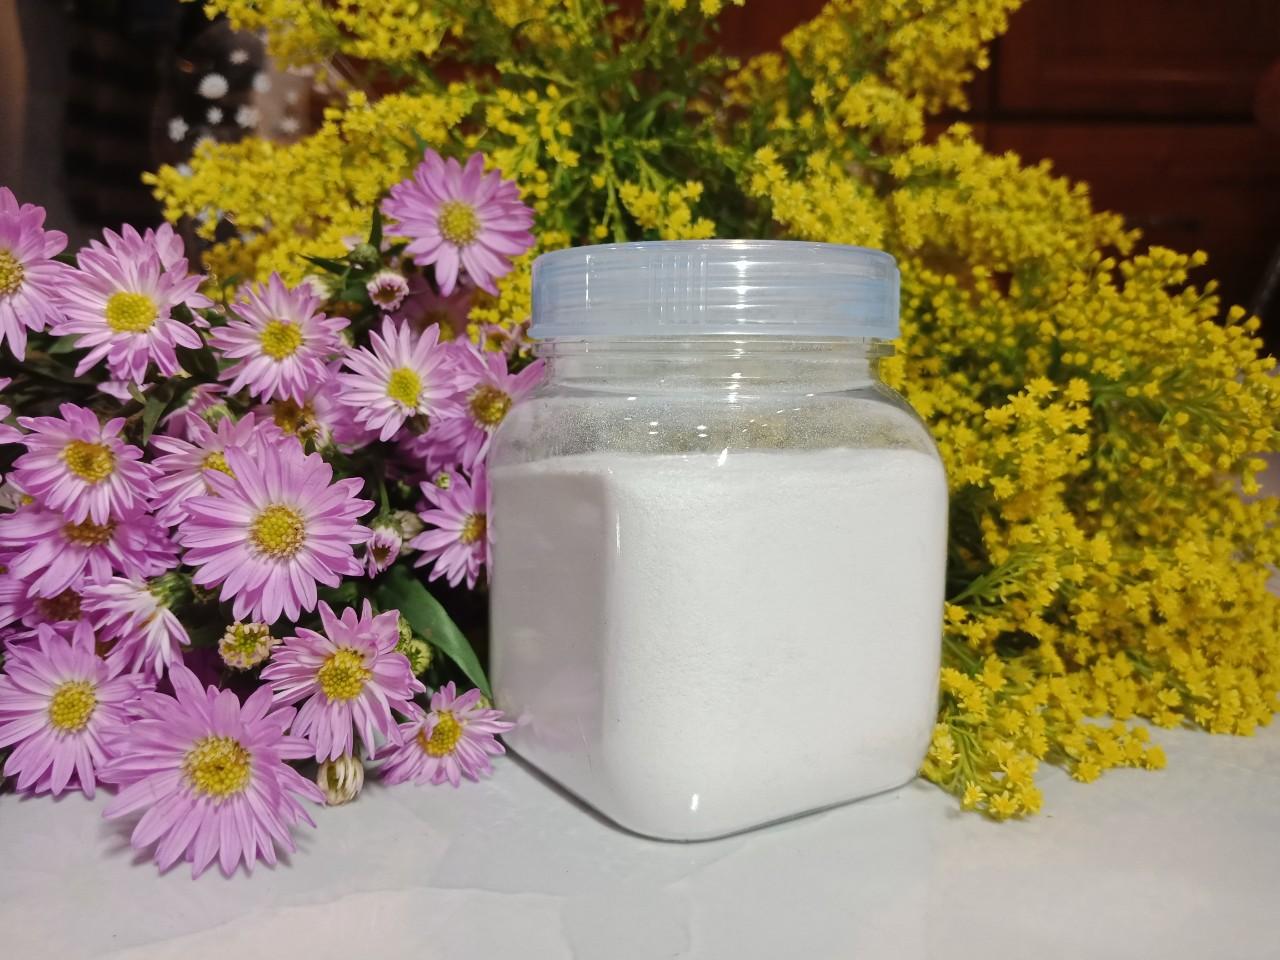 Bột phèn chua 100gr - chưng cất nguyên chất cao cấp